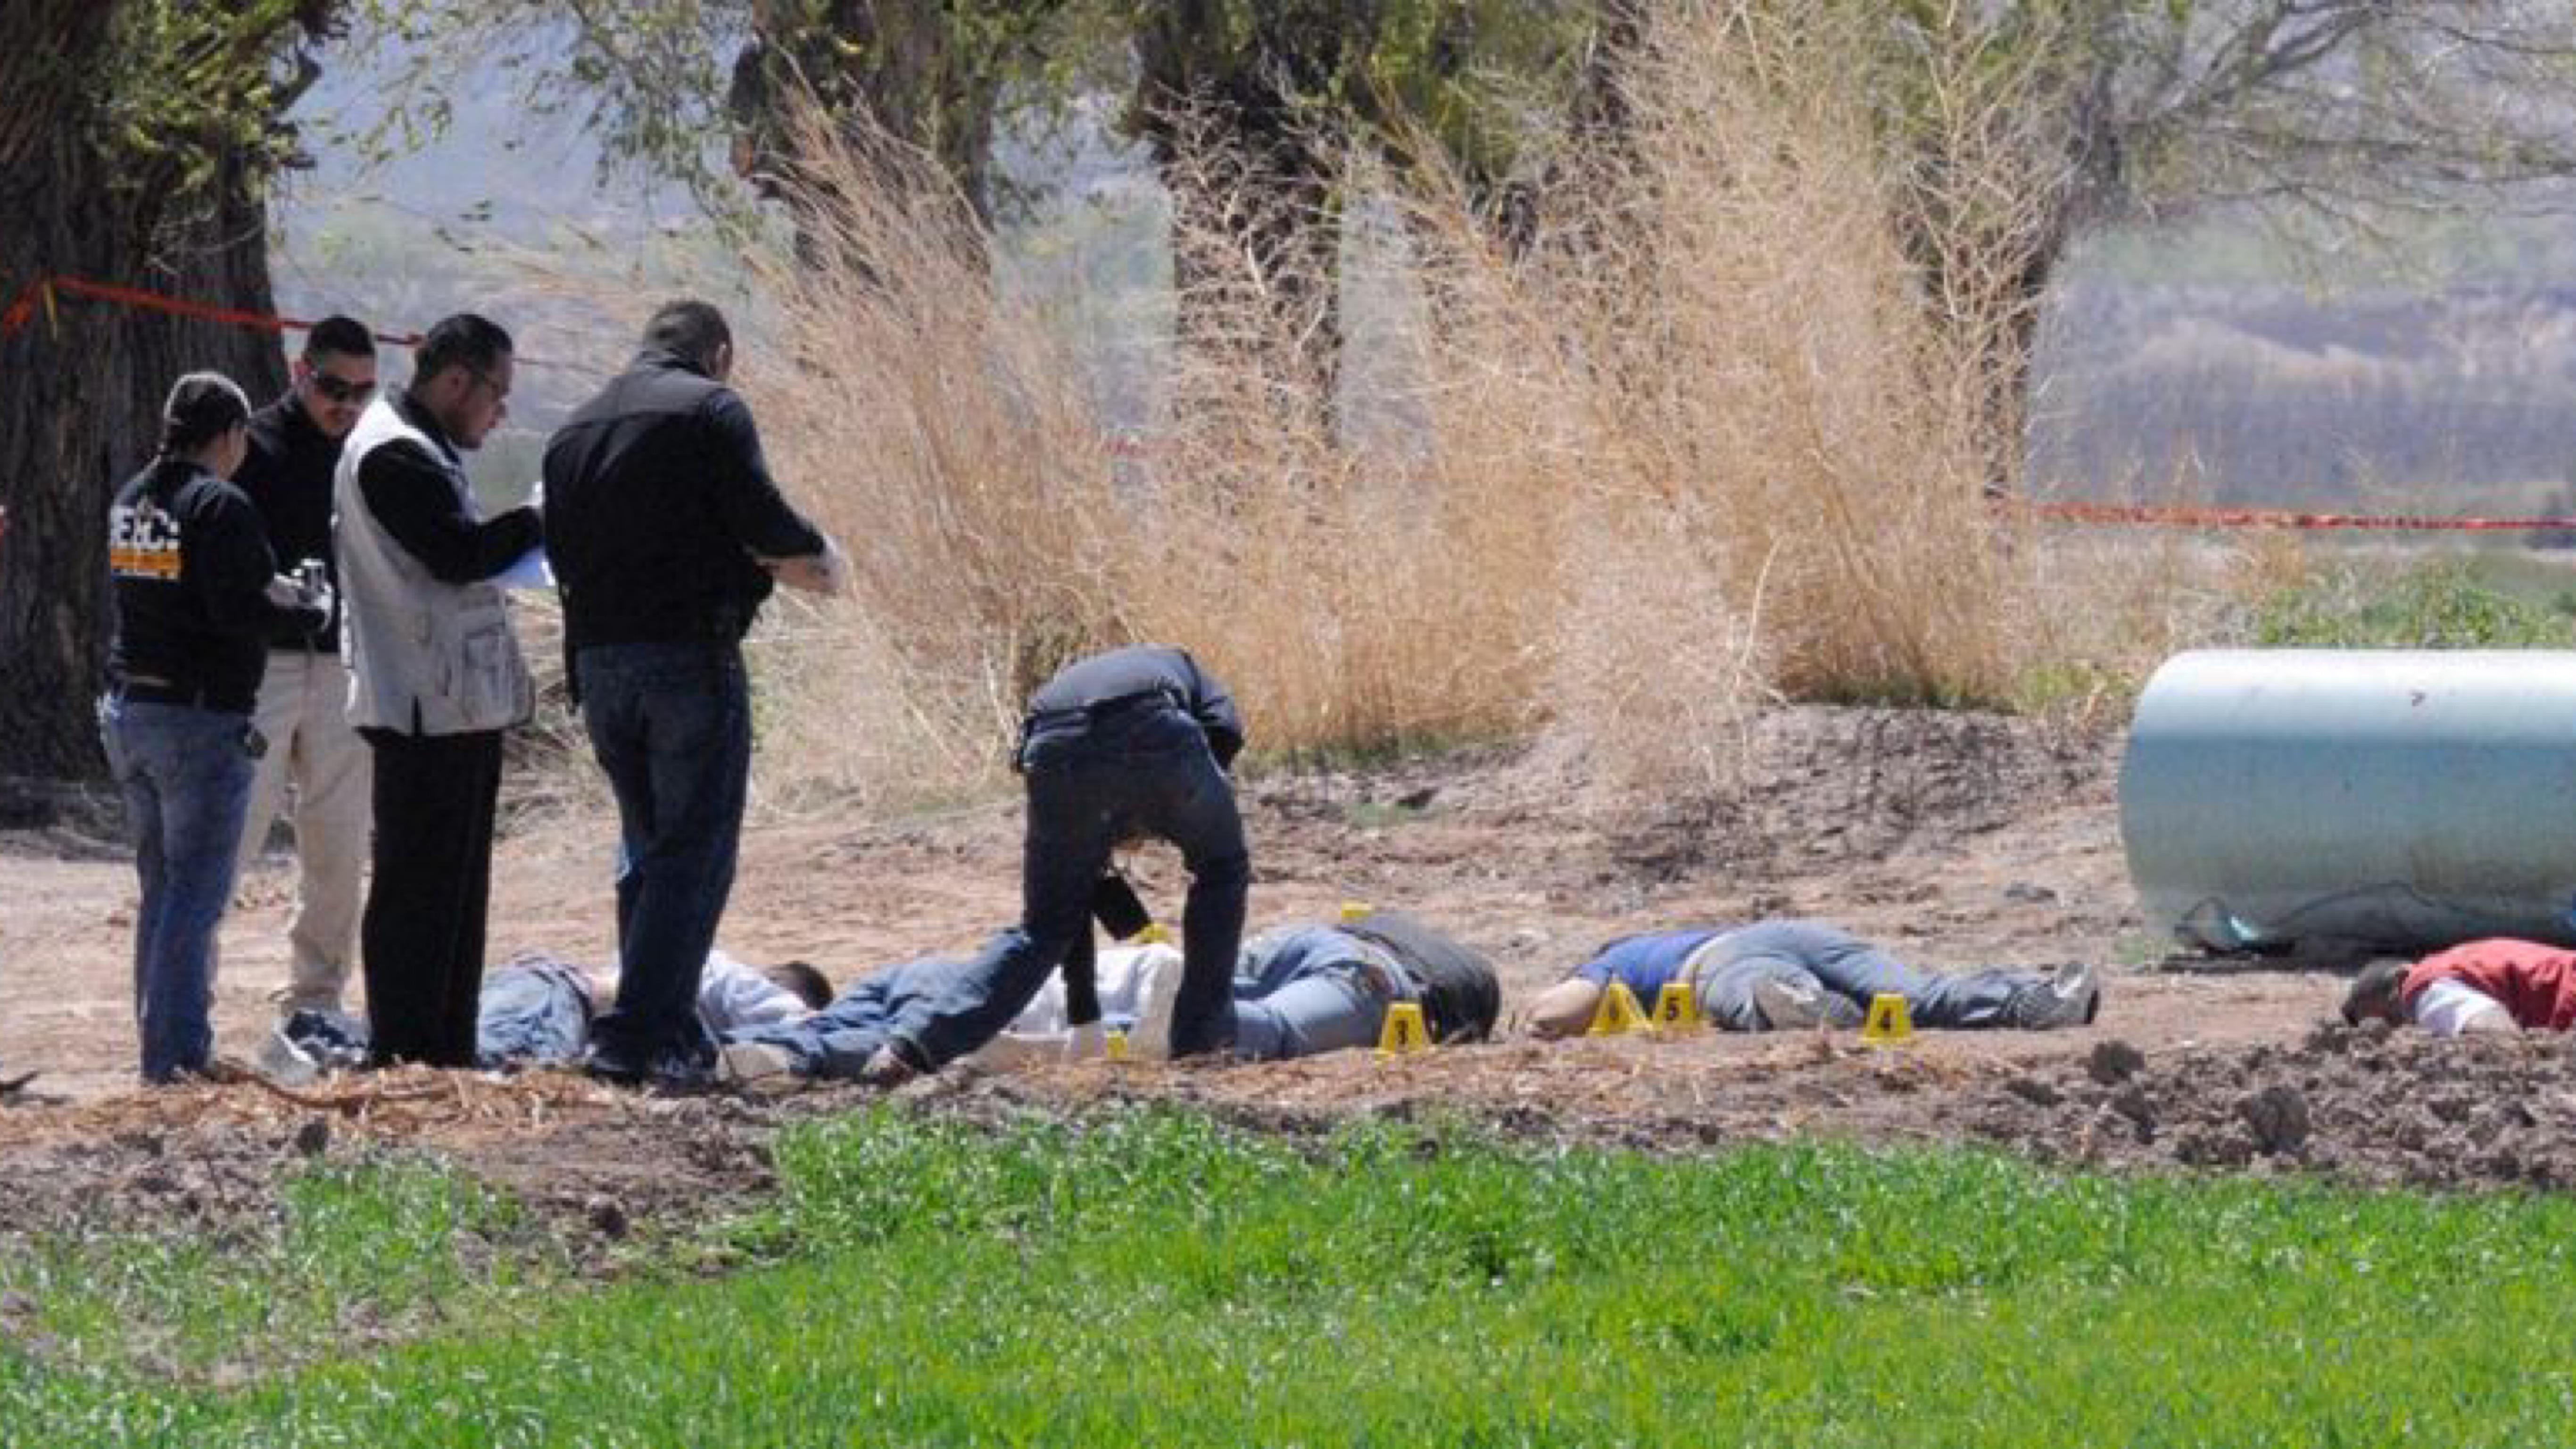 Lucio-Soria-hombres-ejecutados-en-Ciudad-Juarez.-Foto-Lucio-Soria